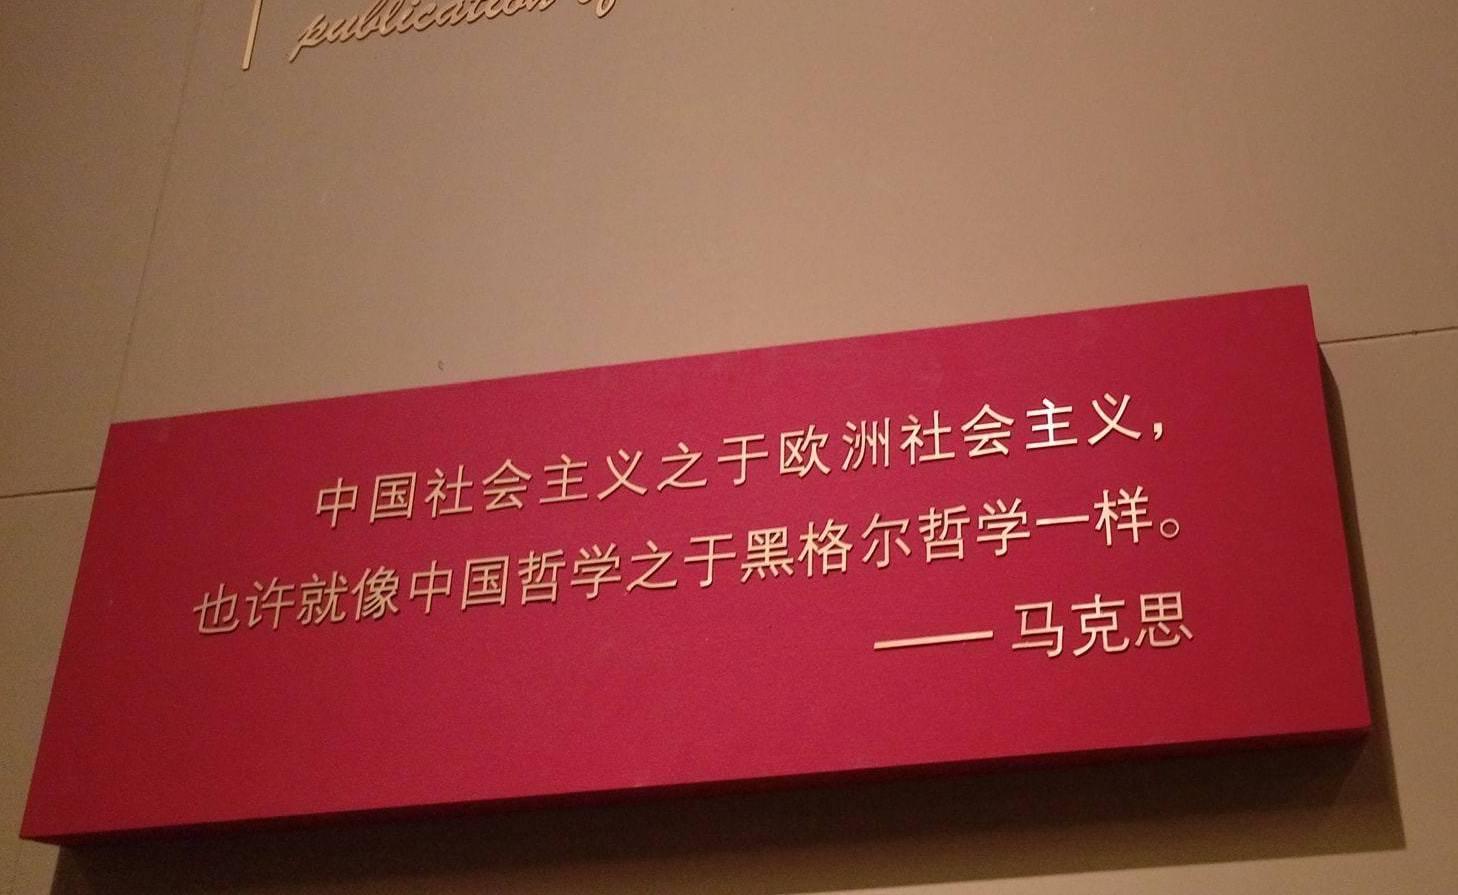 """国博高级黑:""""习近平新时代特色社会主义""""不是社会主义"""